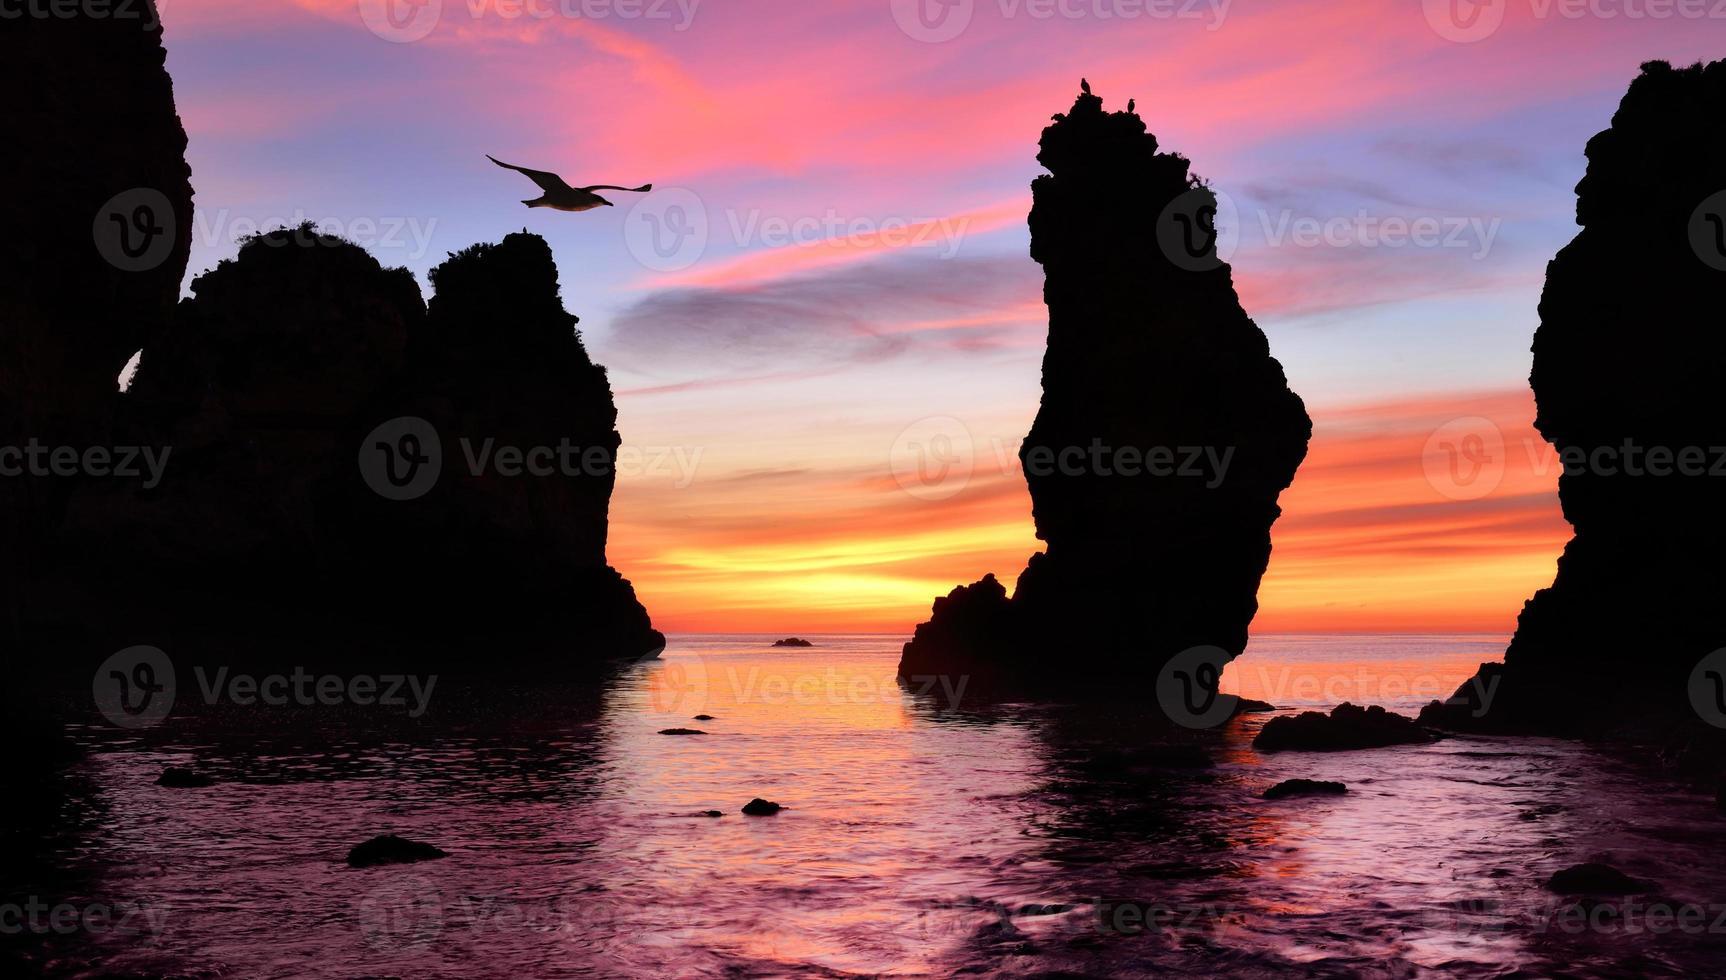 prachtige zonsopgang op de oceaan foto